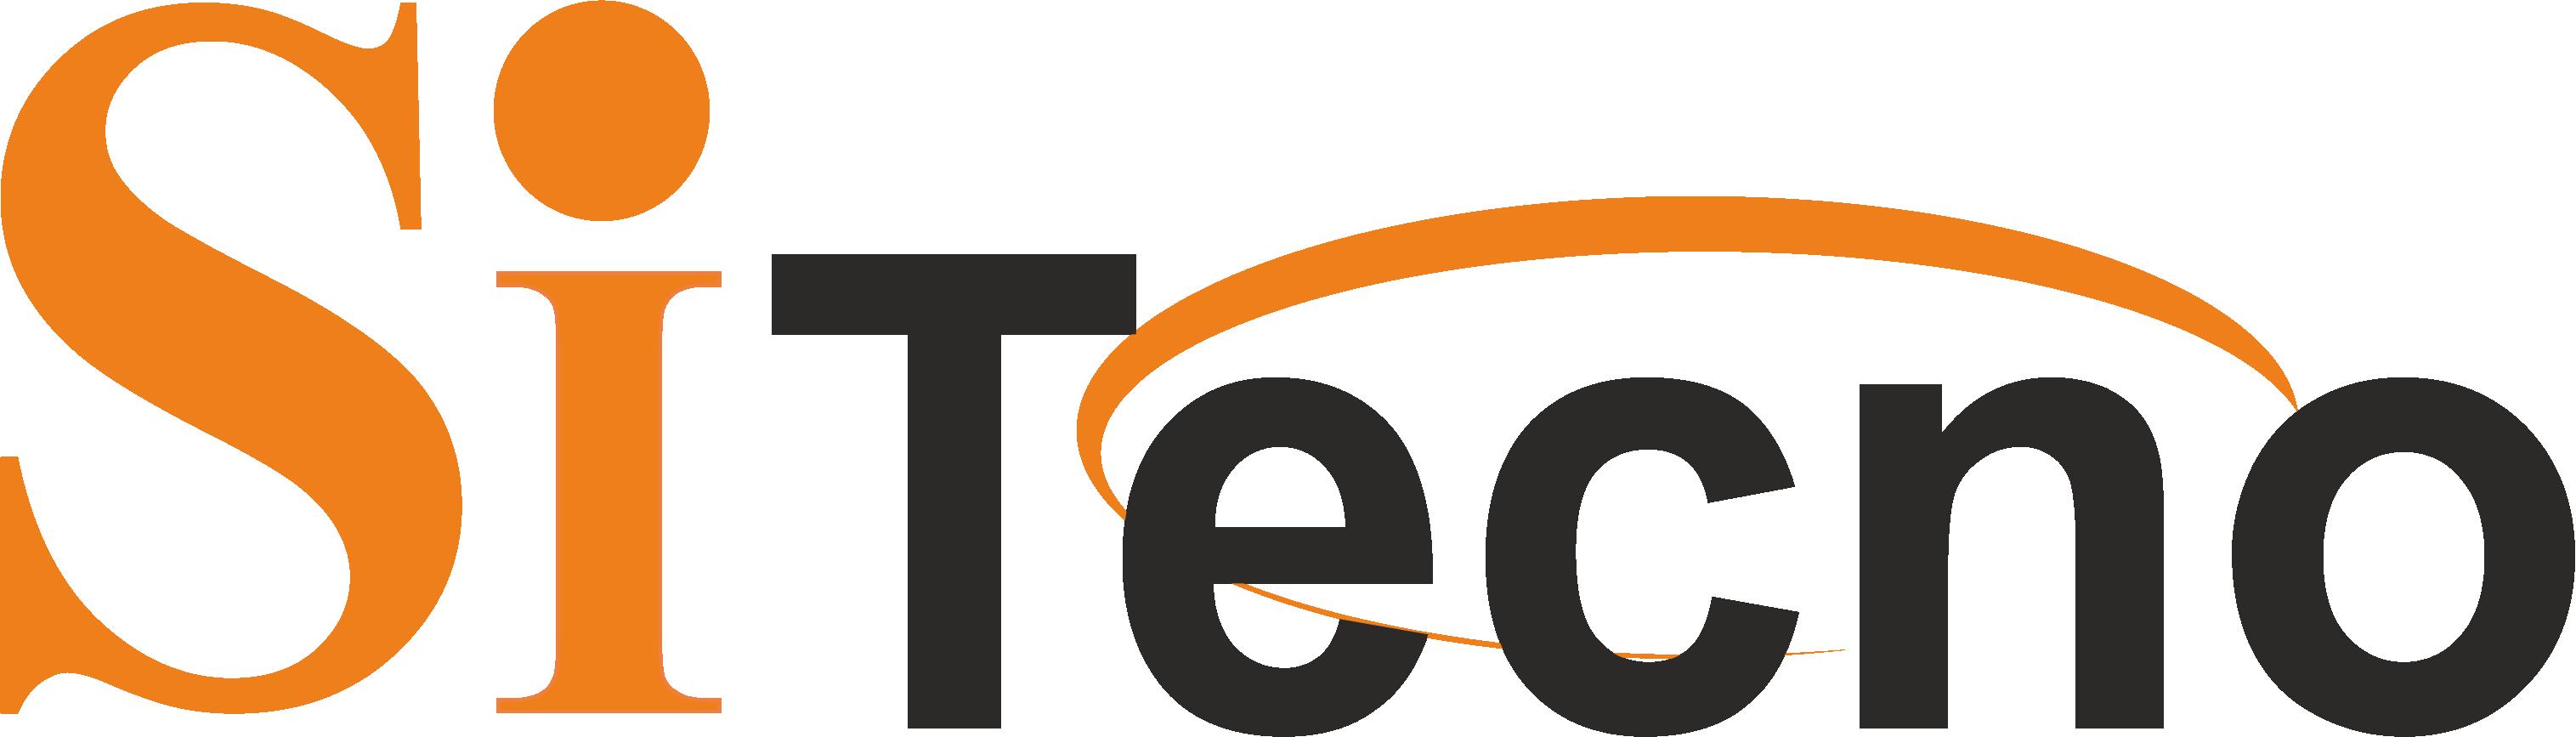 www.SitecnoSolar.com